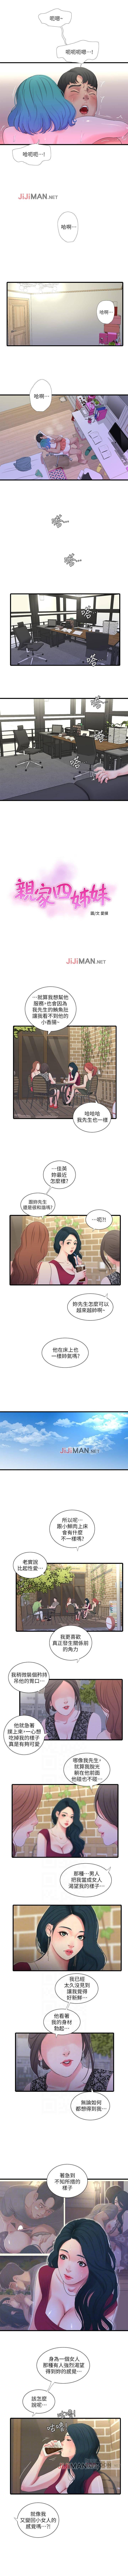 【周四连载】亲家四姐妹(作者:愛摸) 第1~37话 127